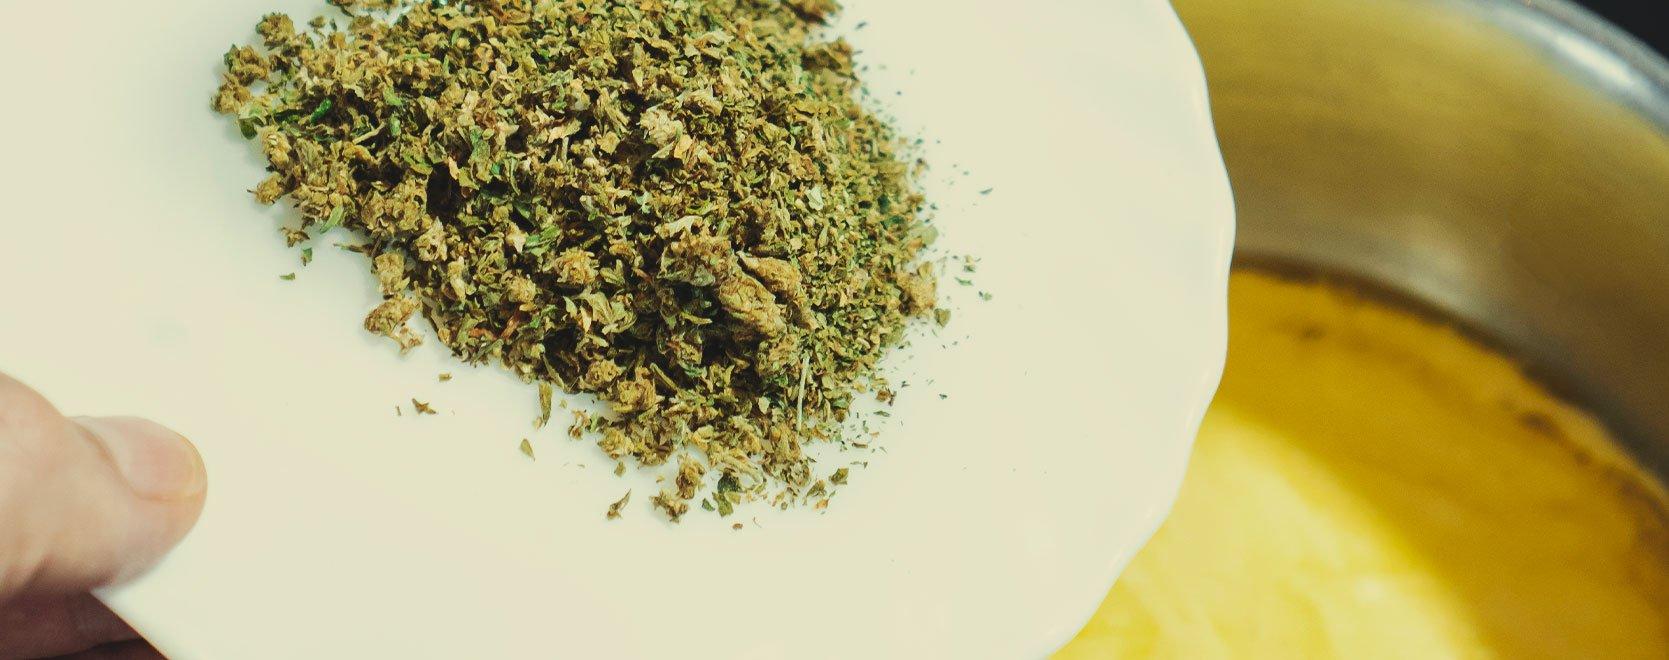 Añade Cannabis a la Mantequilla ya Derretida